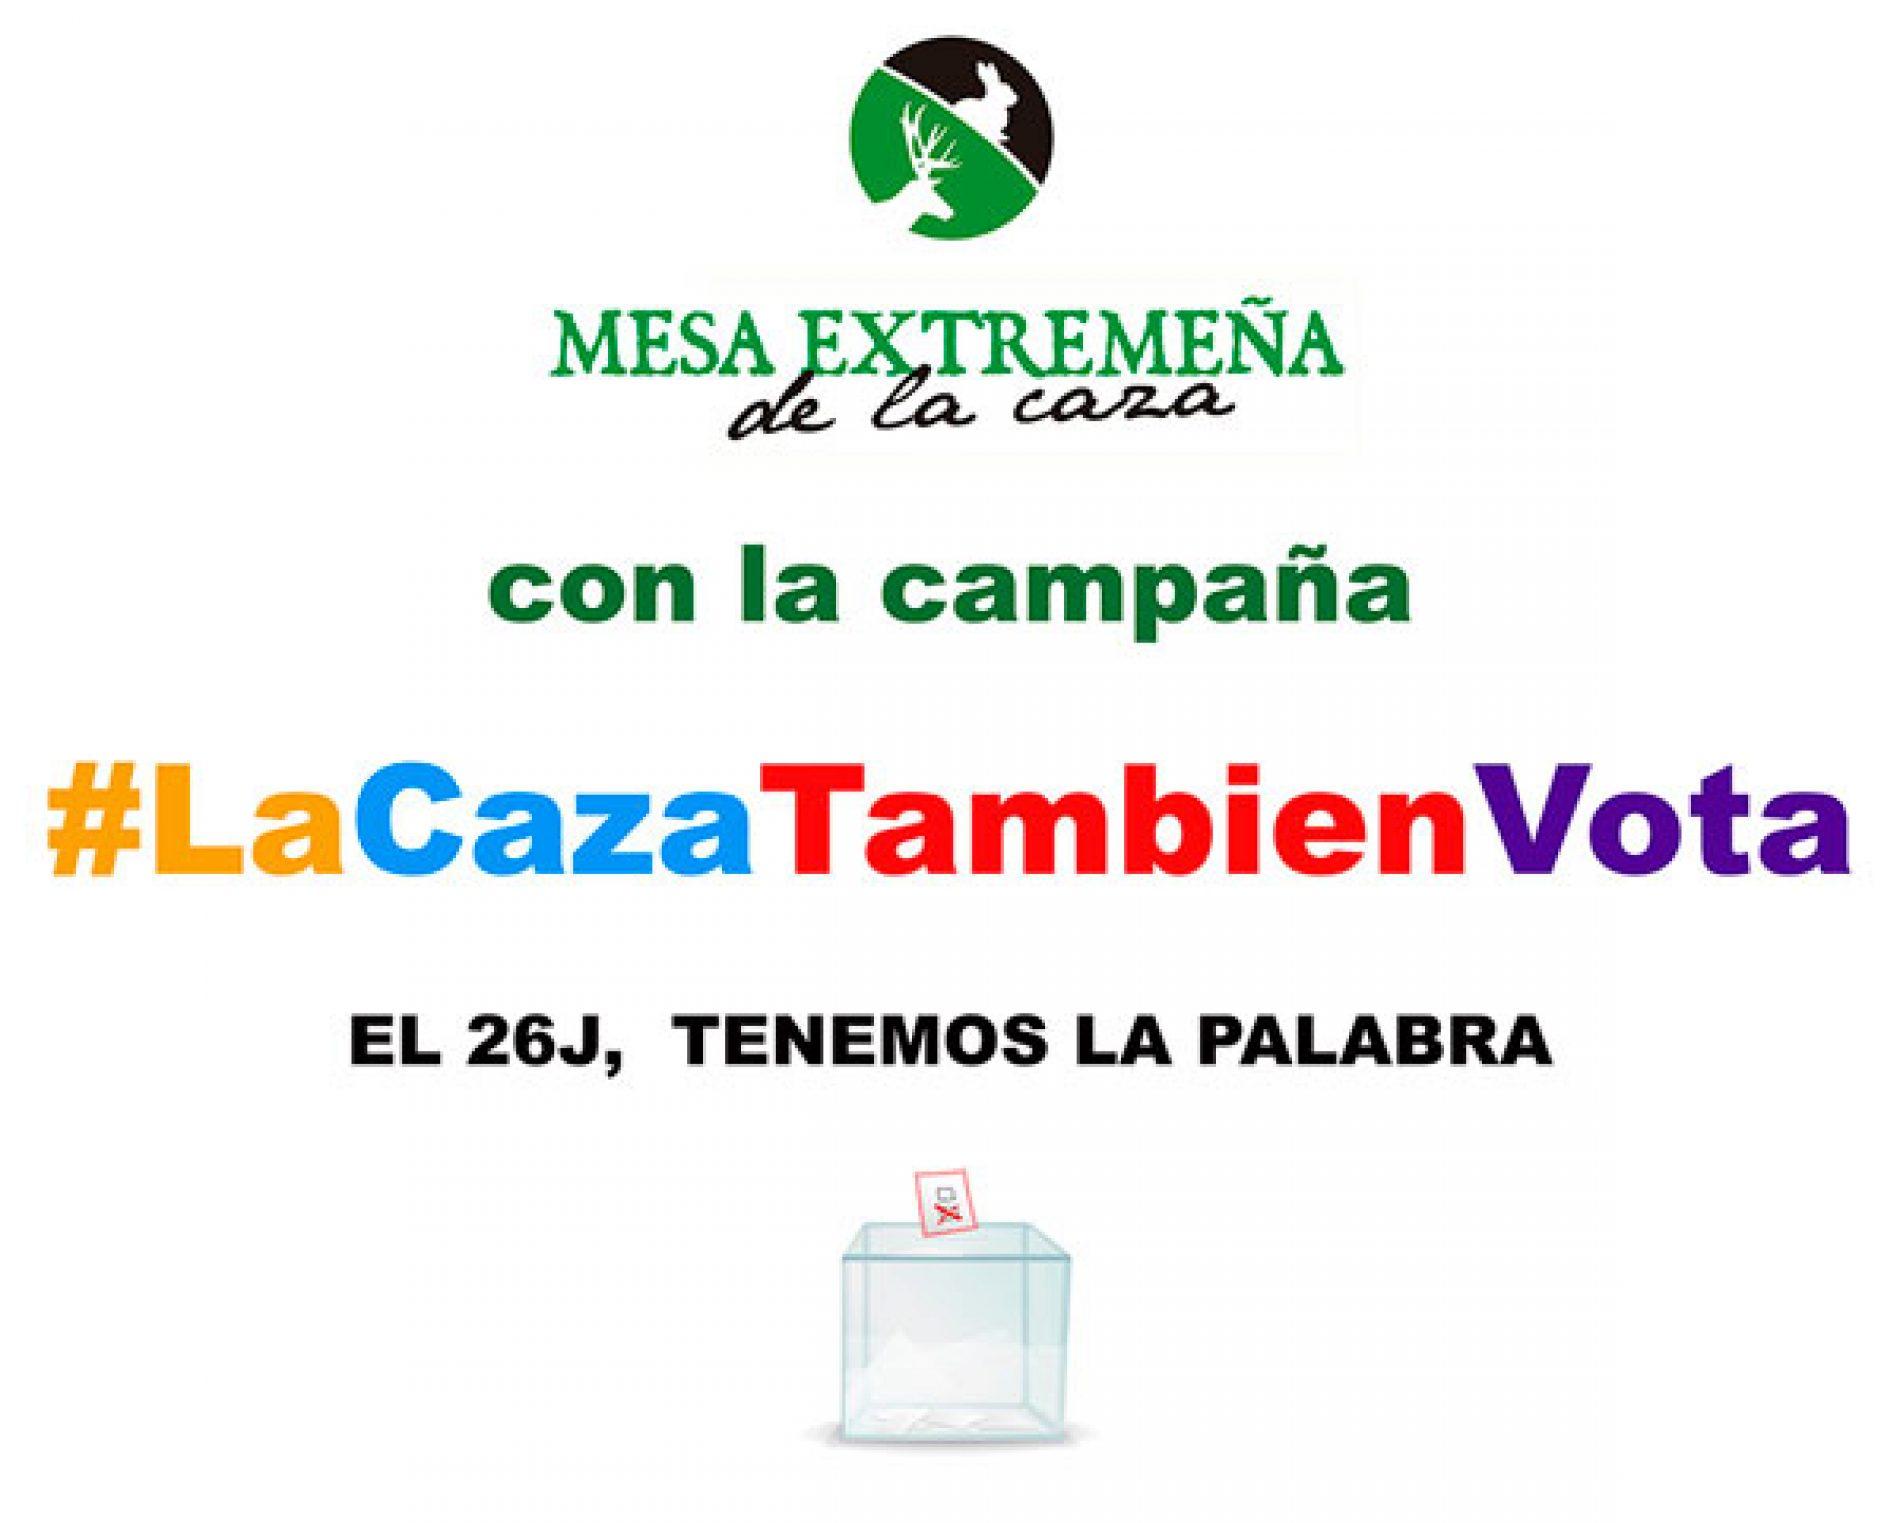 La Mesa Extremeña de la caza se suma a la campaña #LaCazaTambienVota